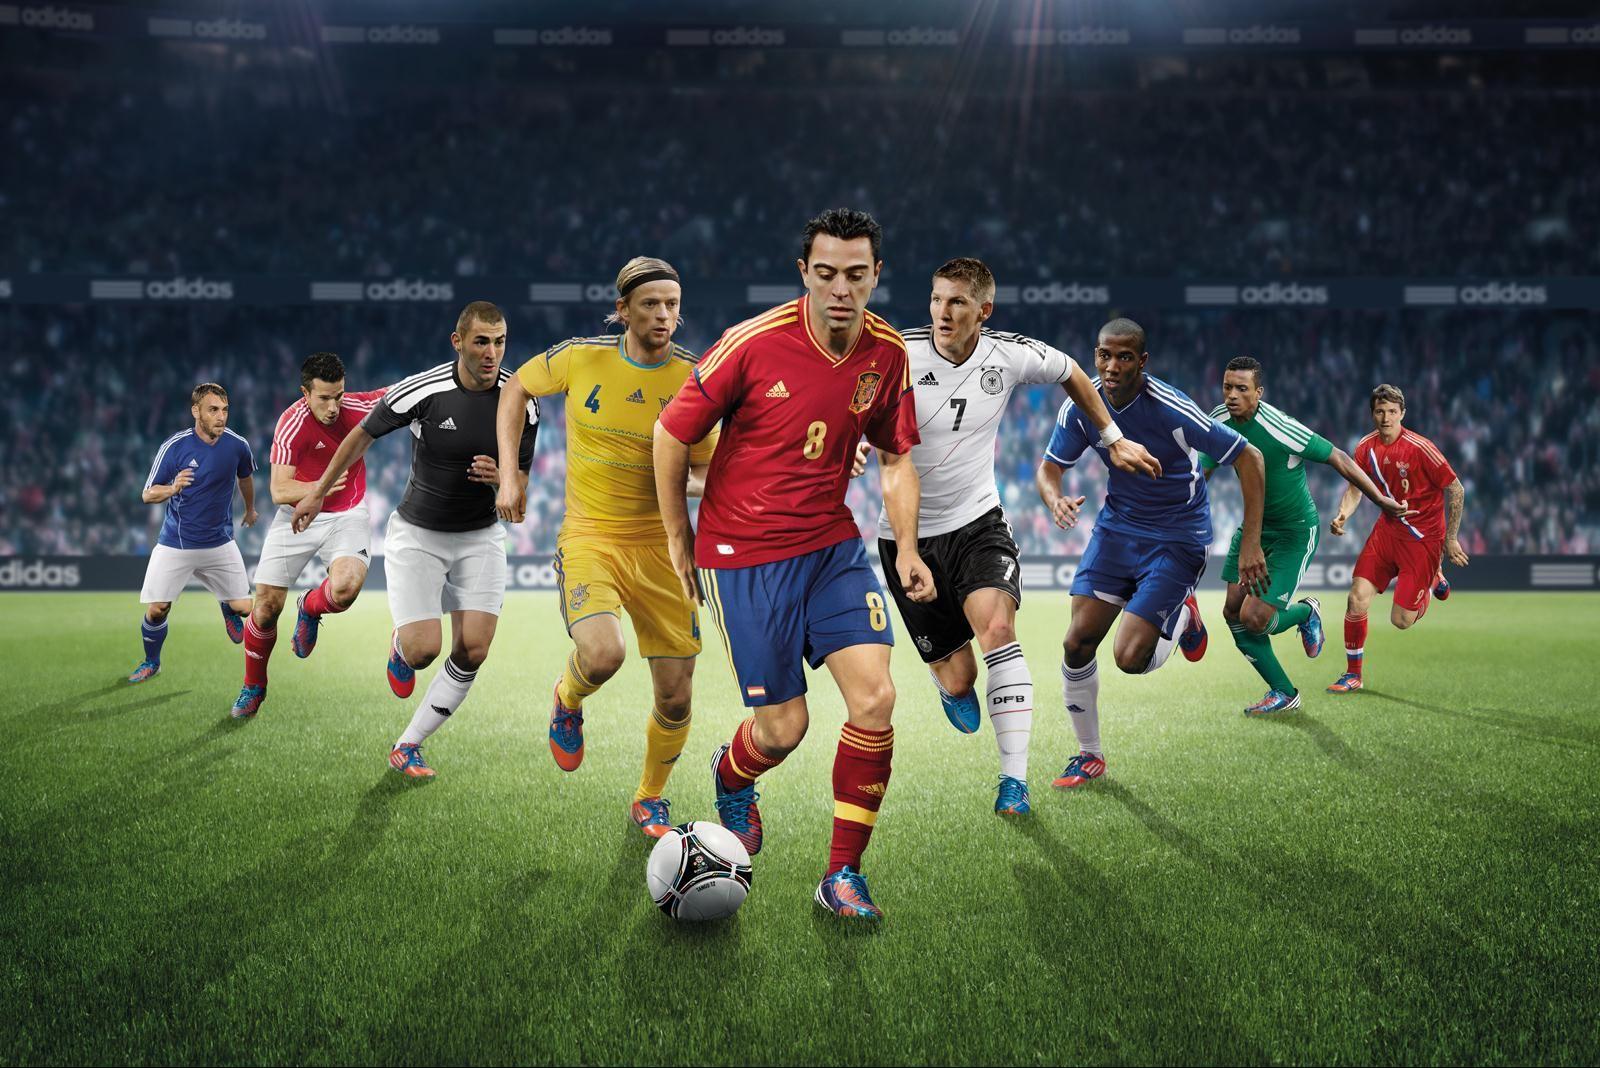 Hasil gambar untuk soccer playershd images